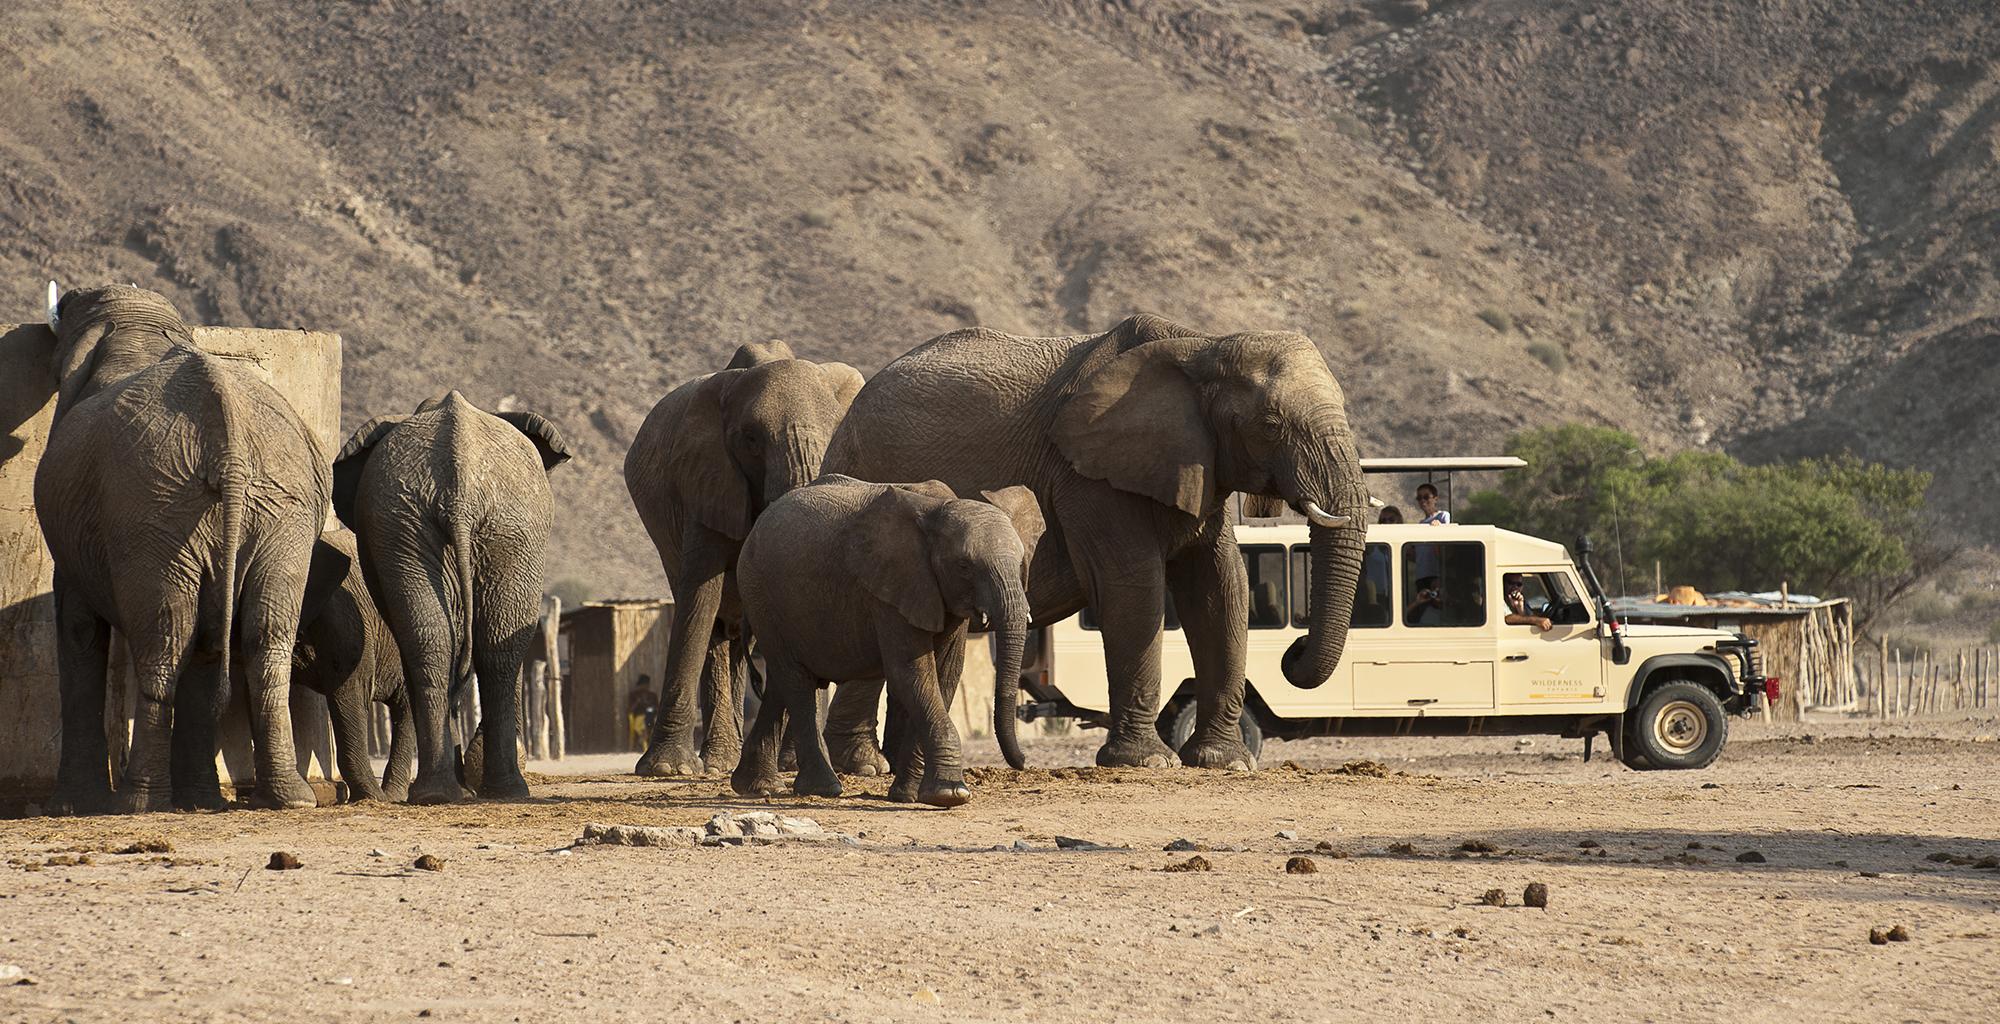 Namibia-Damaraland-Adventurer-Elephants